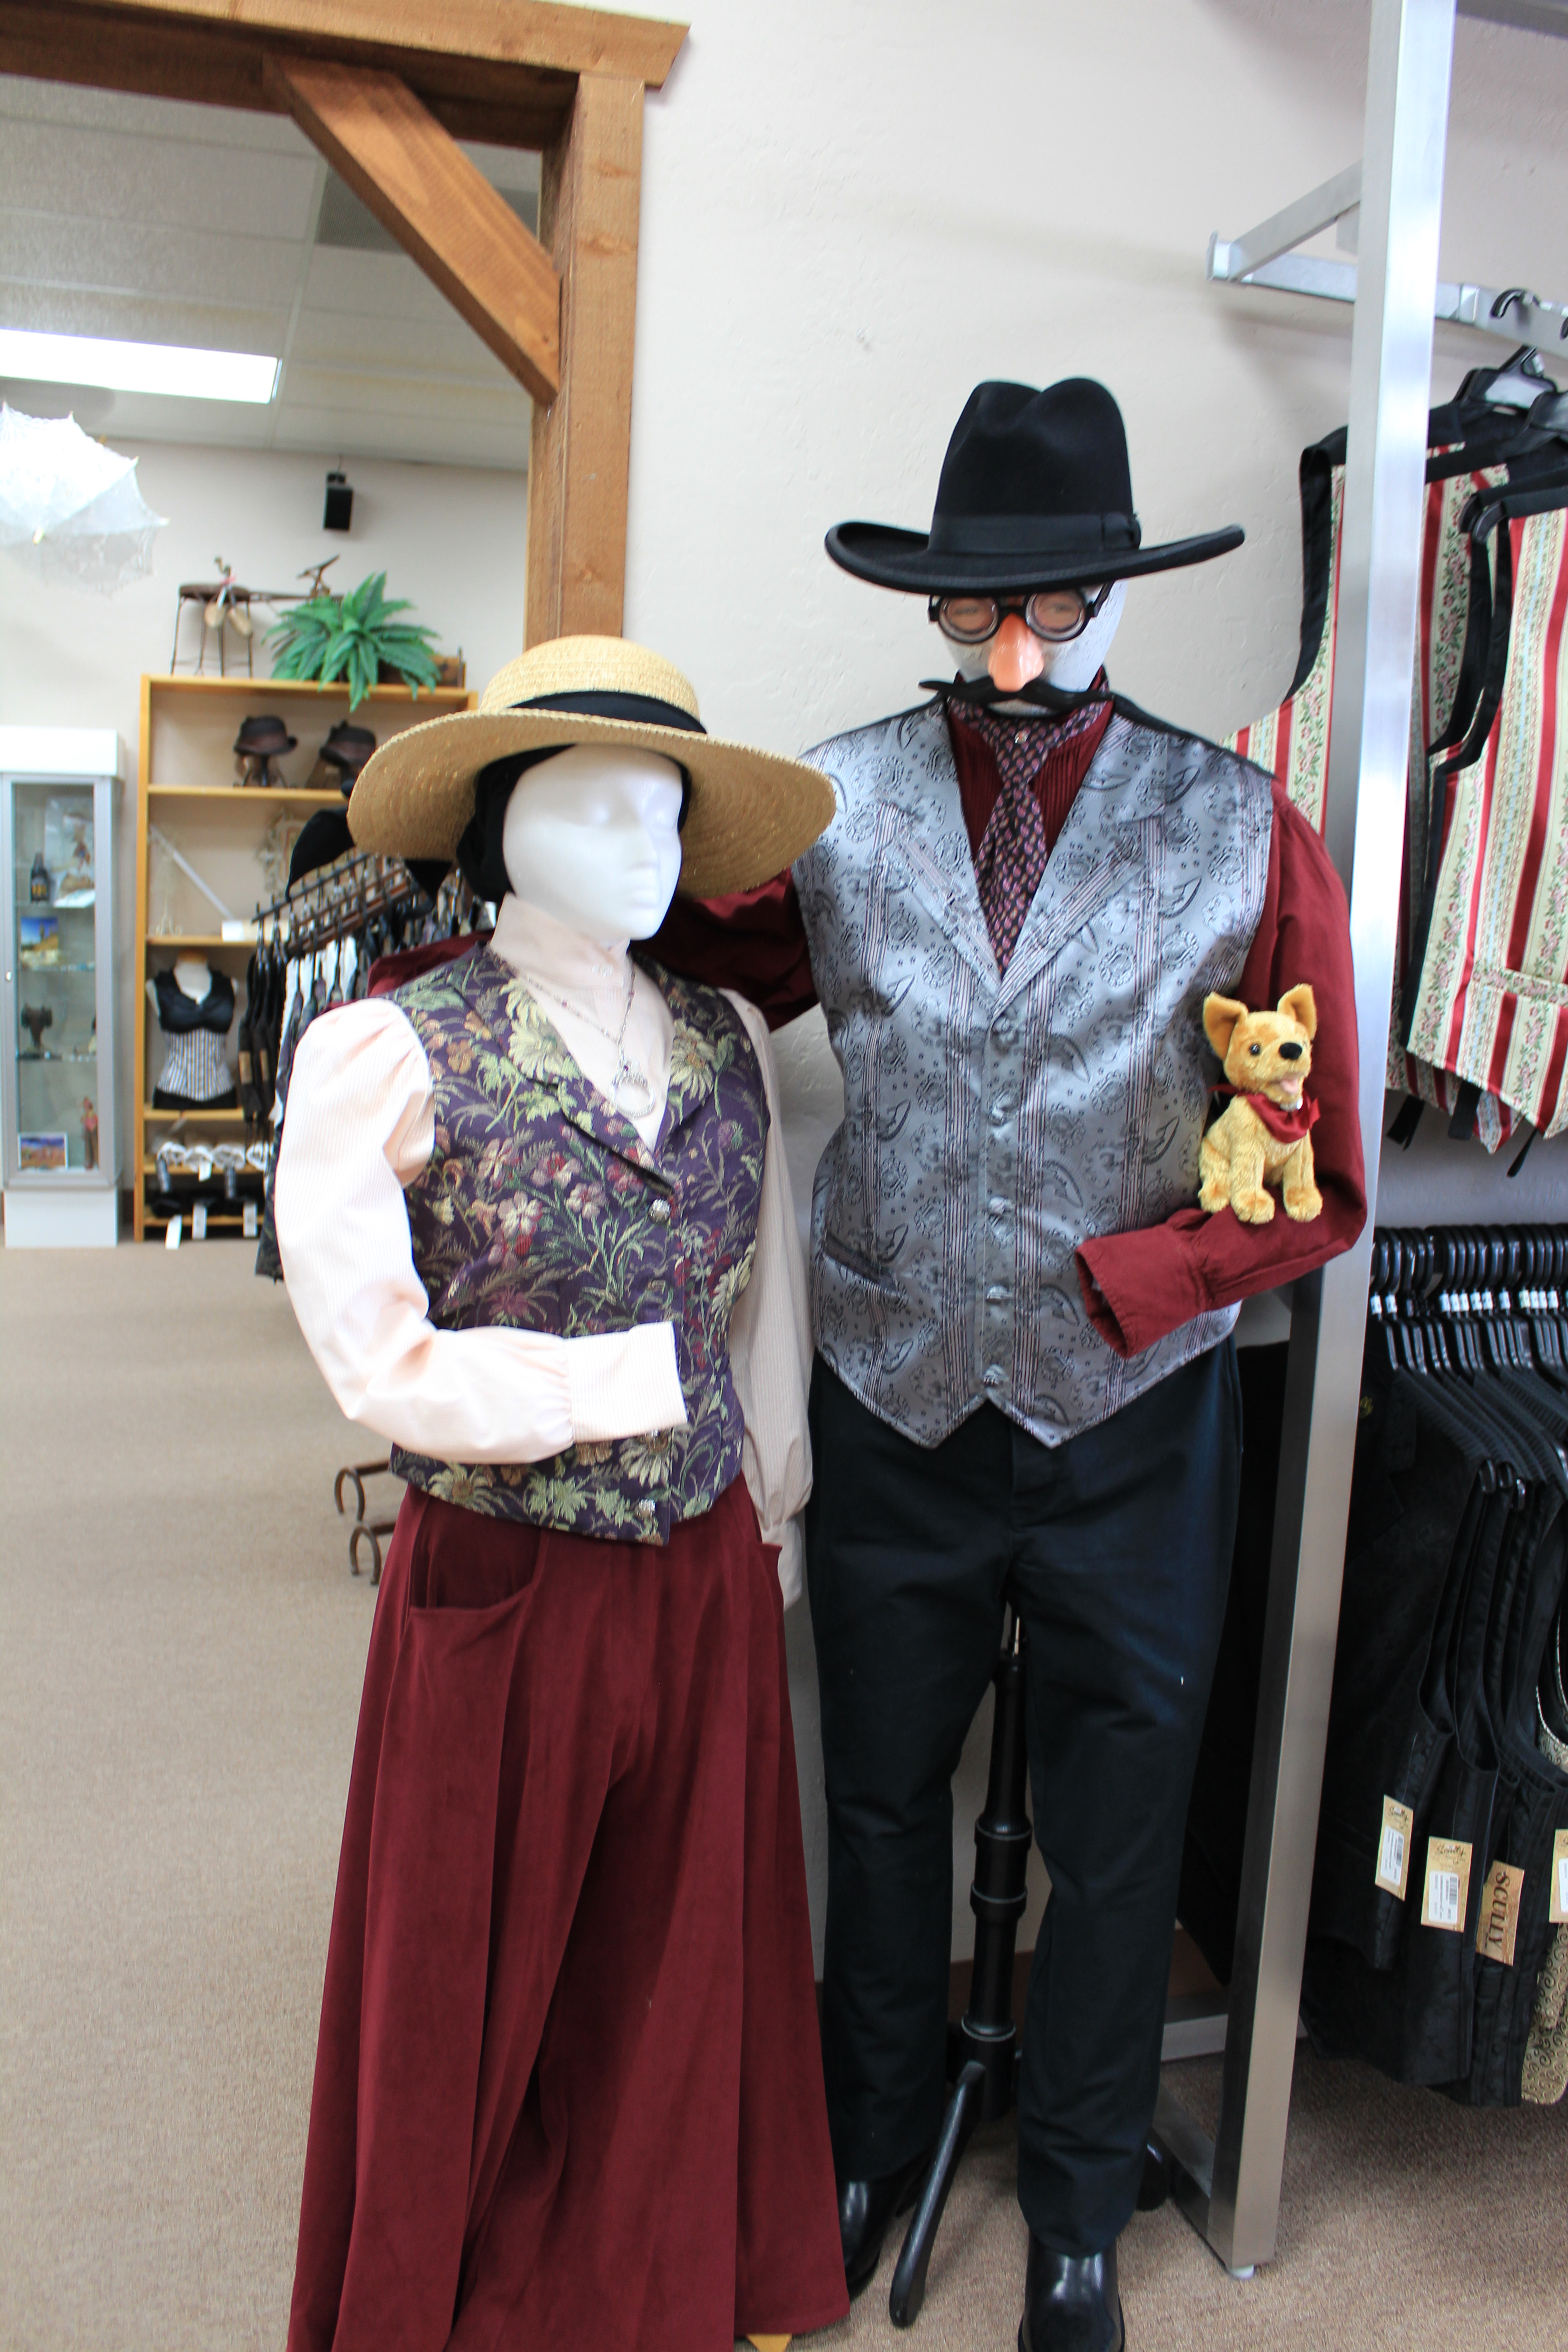 Guns! Cowboy Action Shooting Clothing